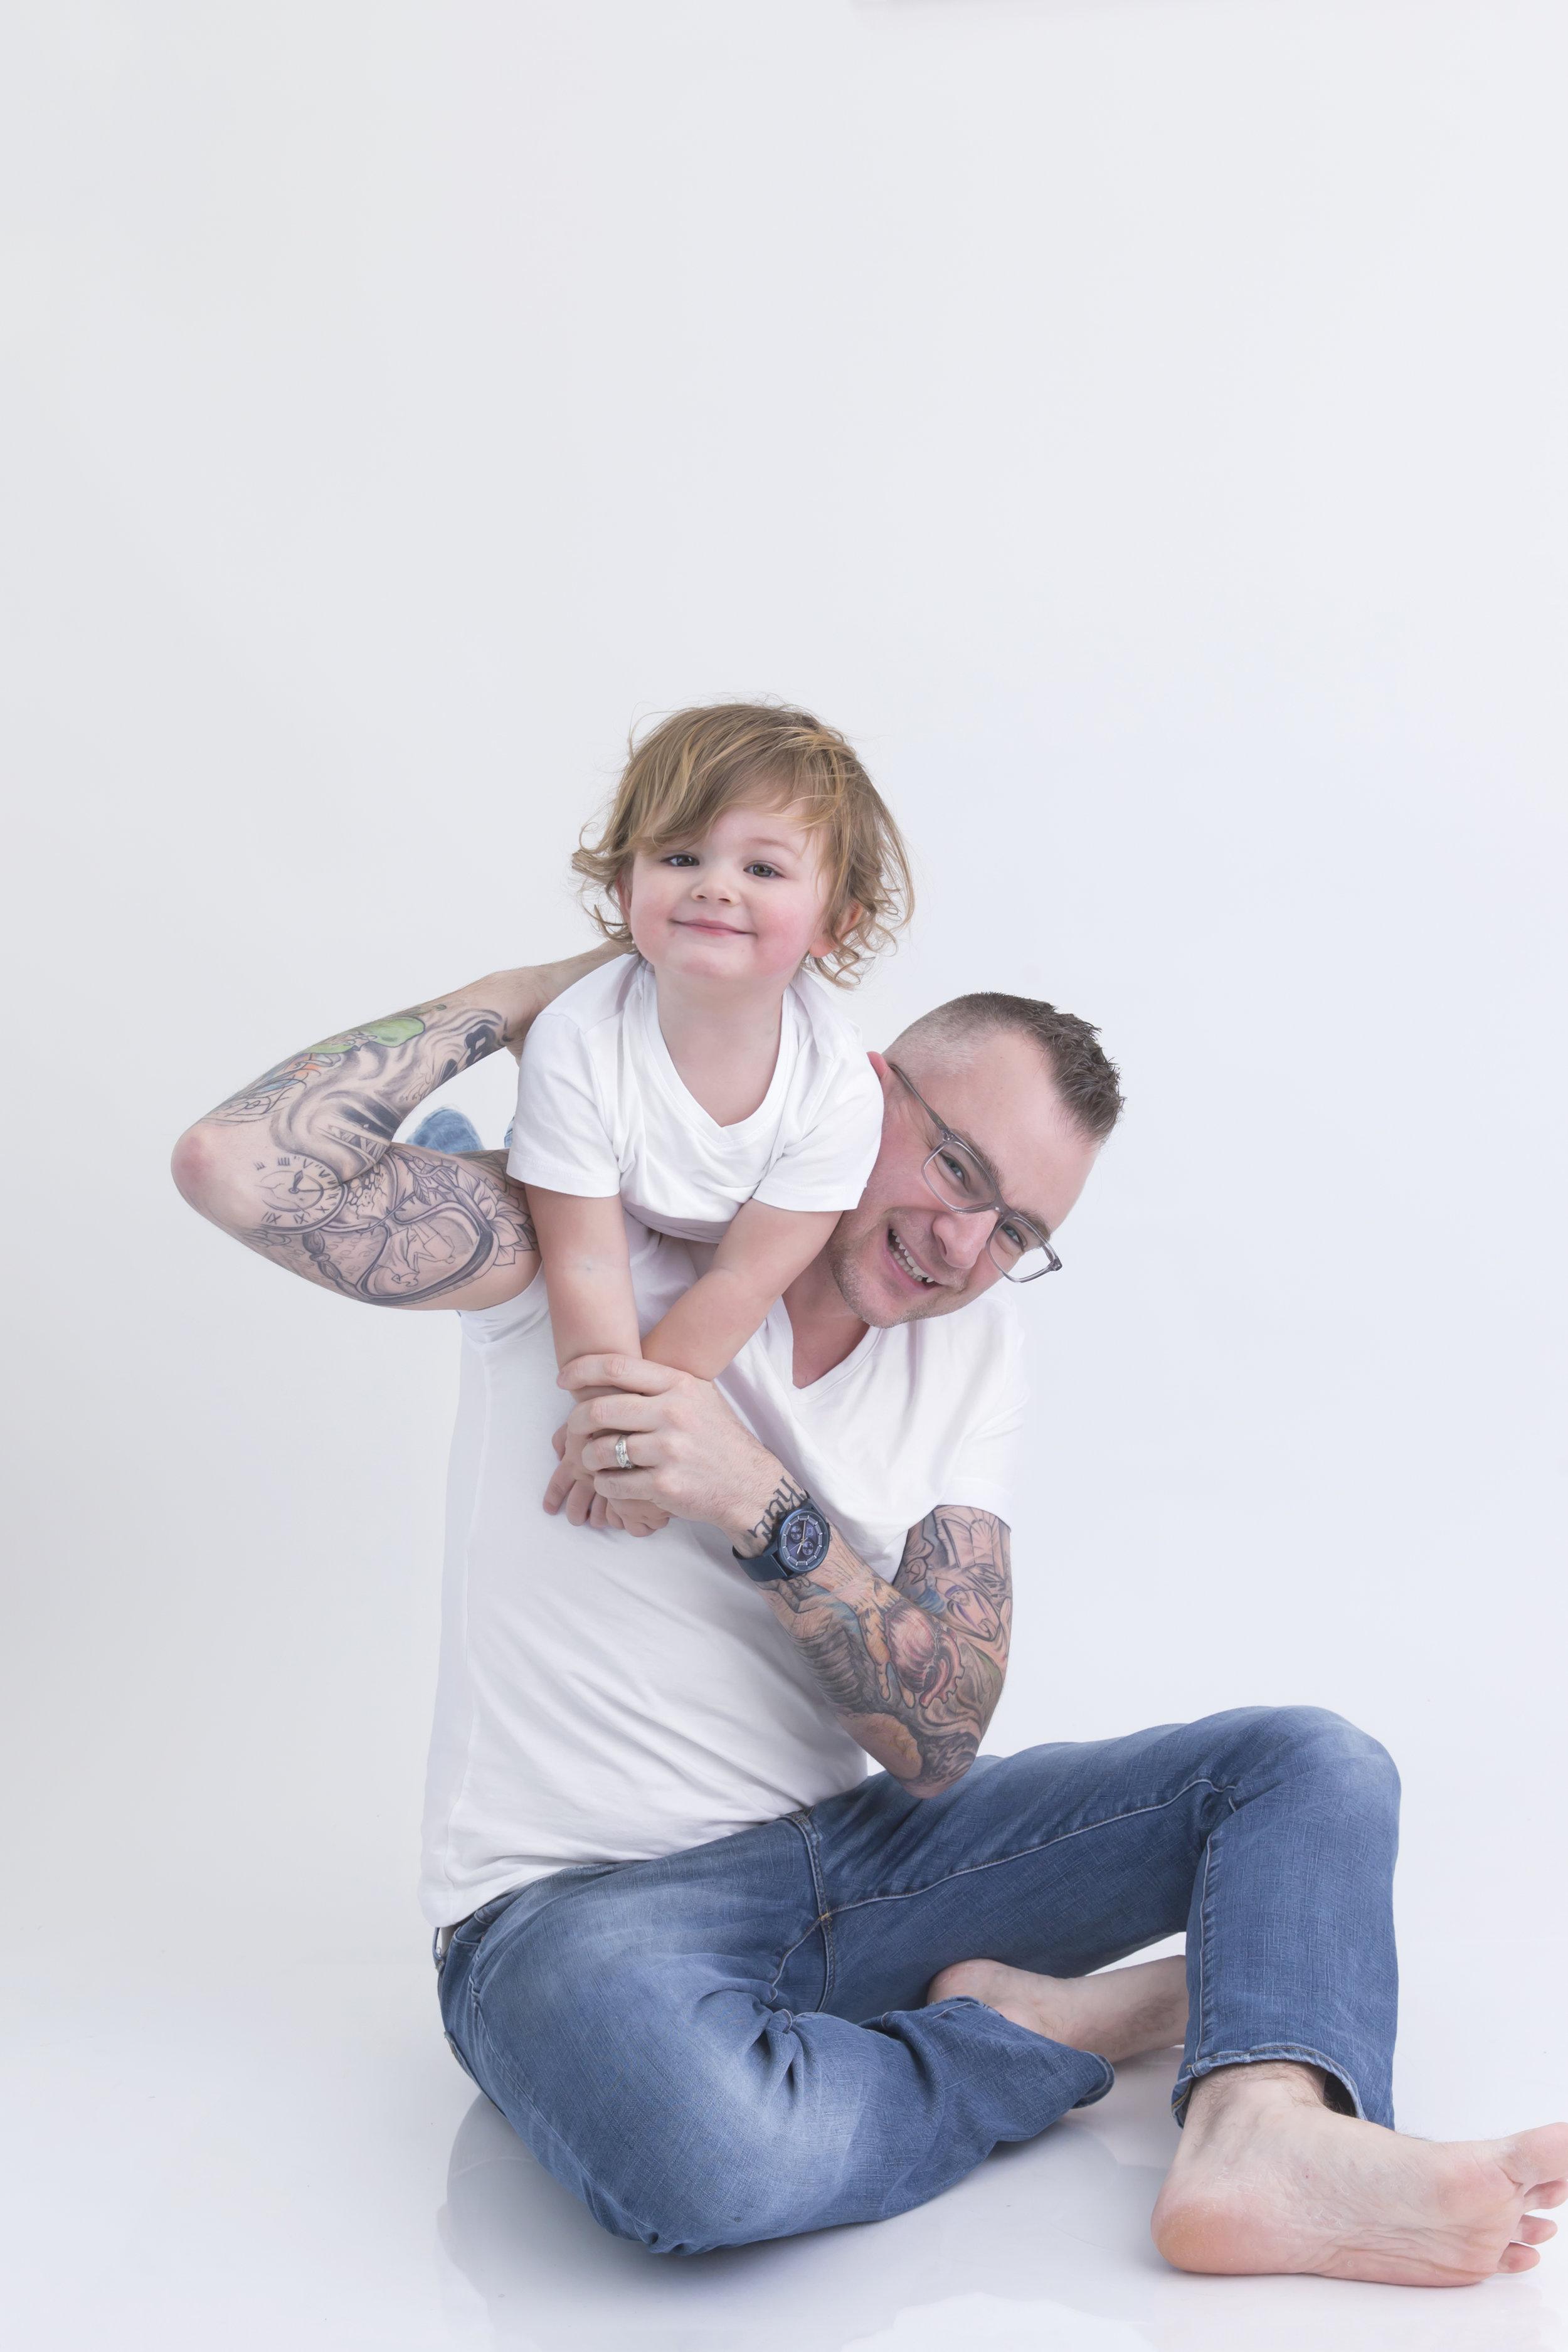 best family photographer in hamburg, ny